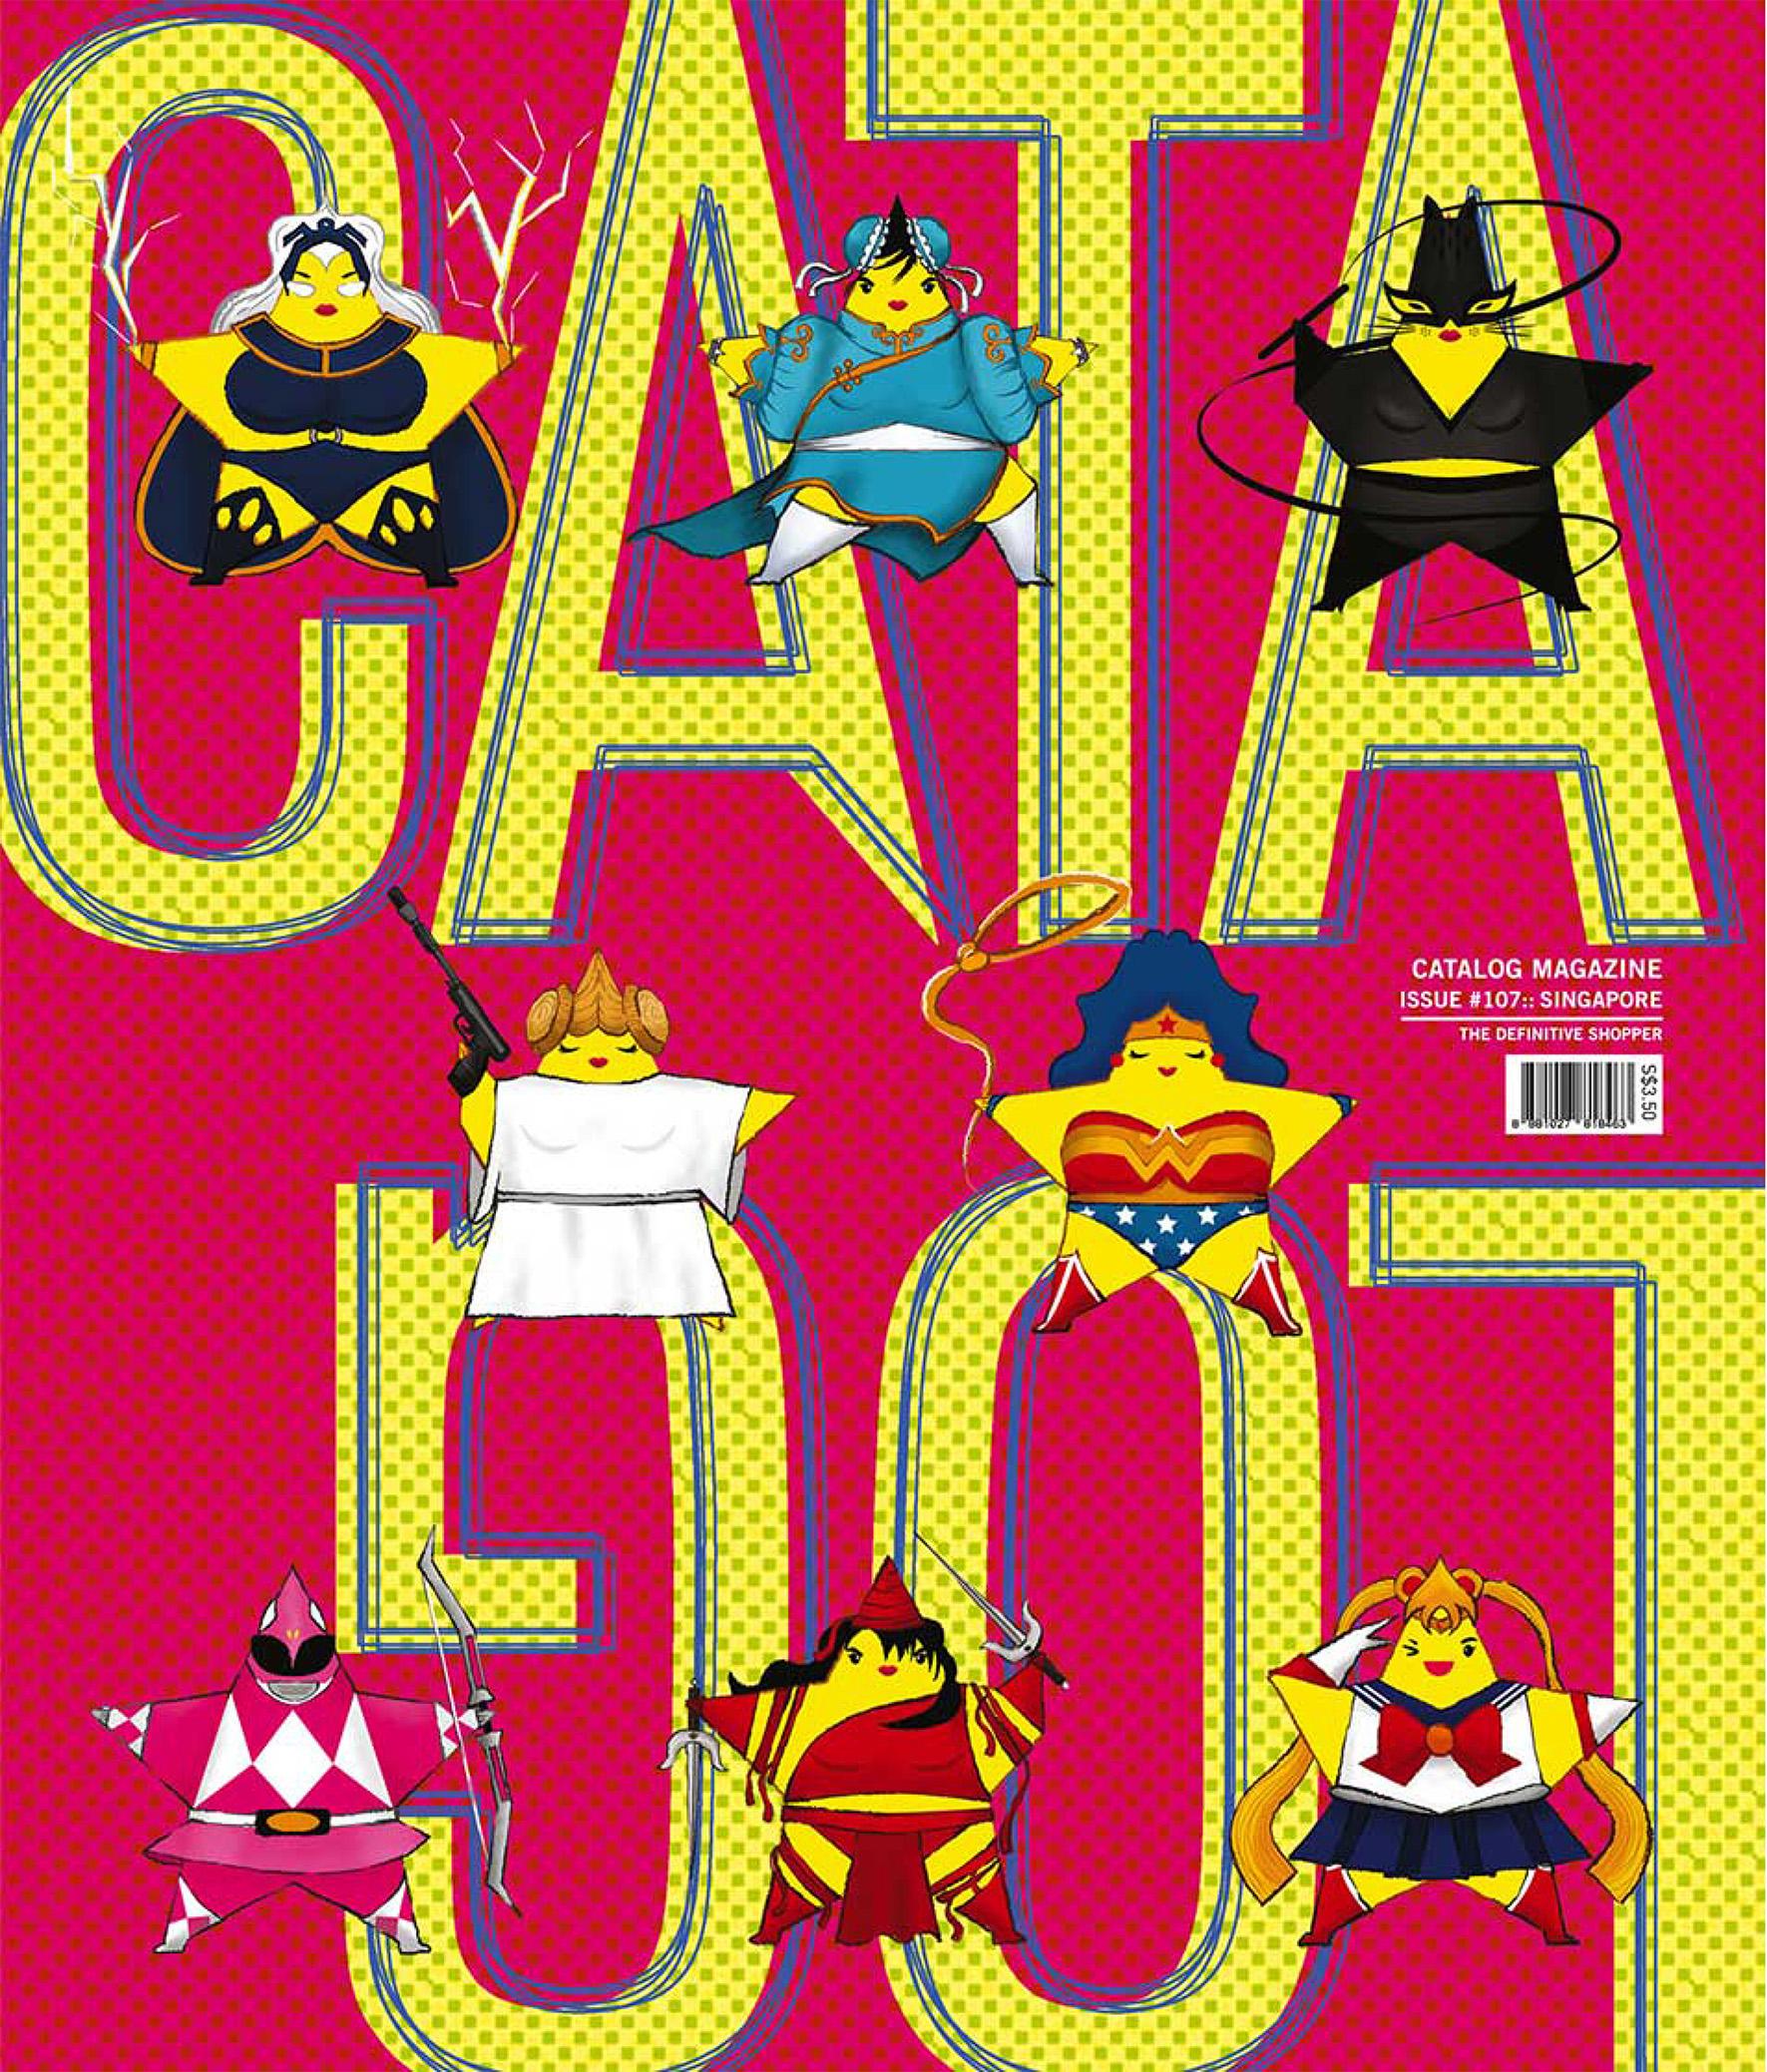 CatalogCoverIssue107-1.jpg.jpg